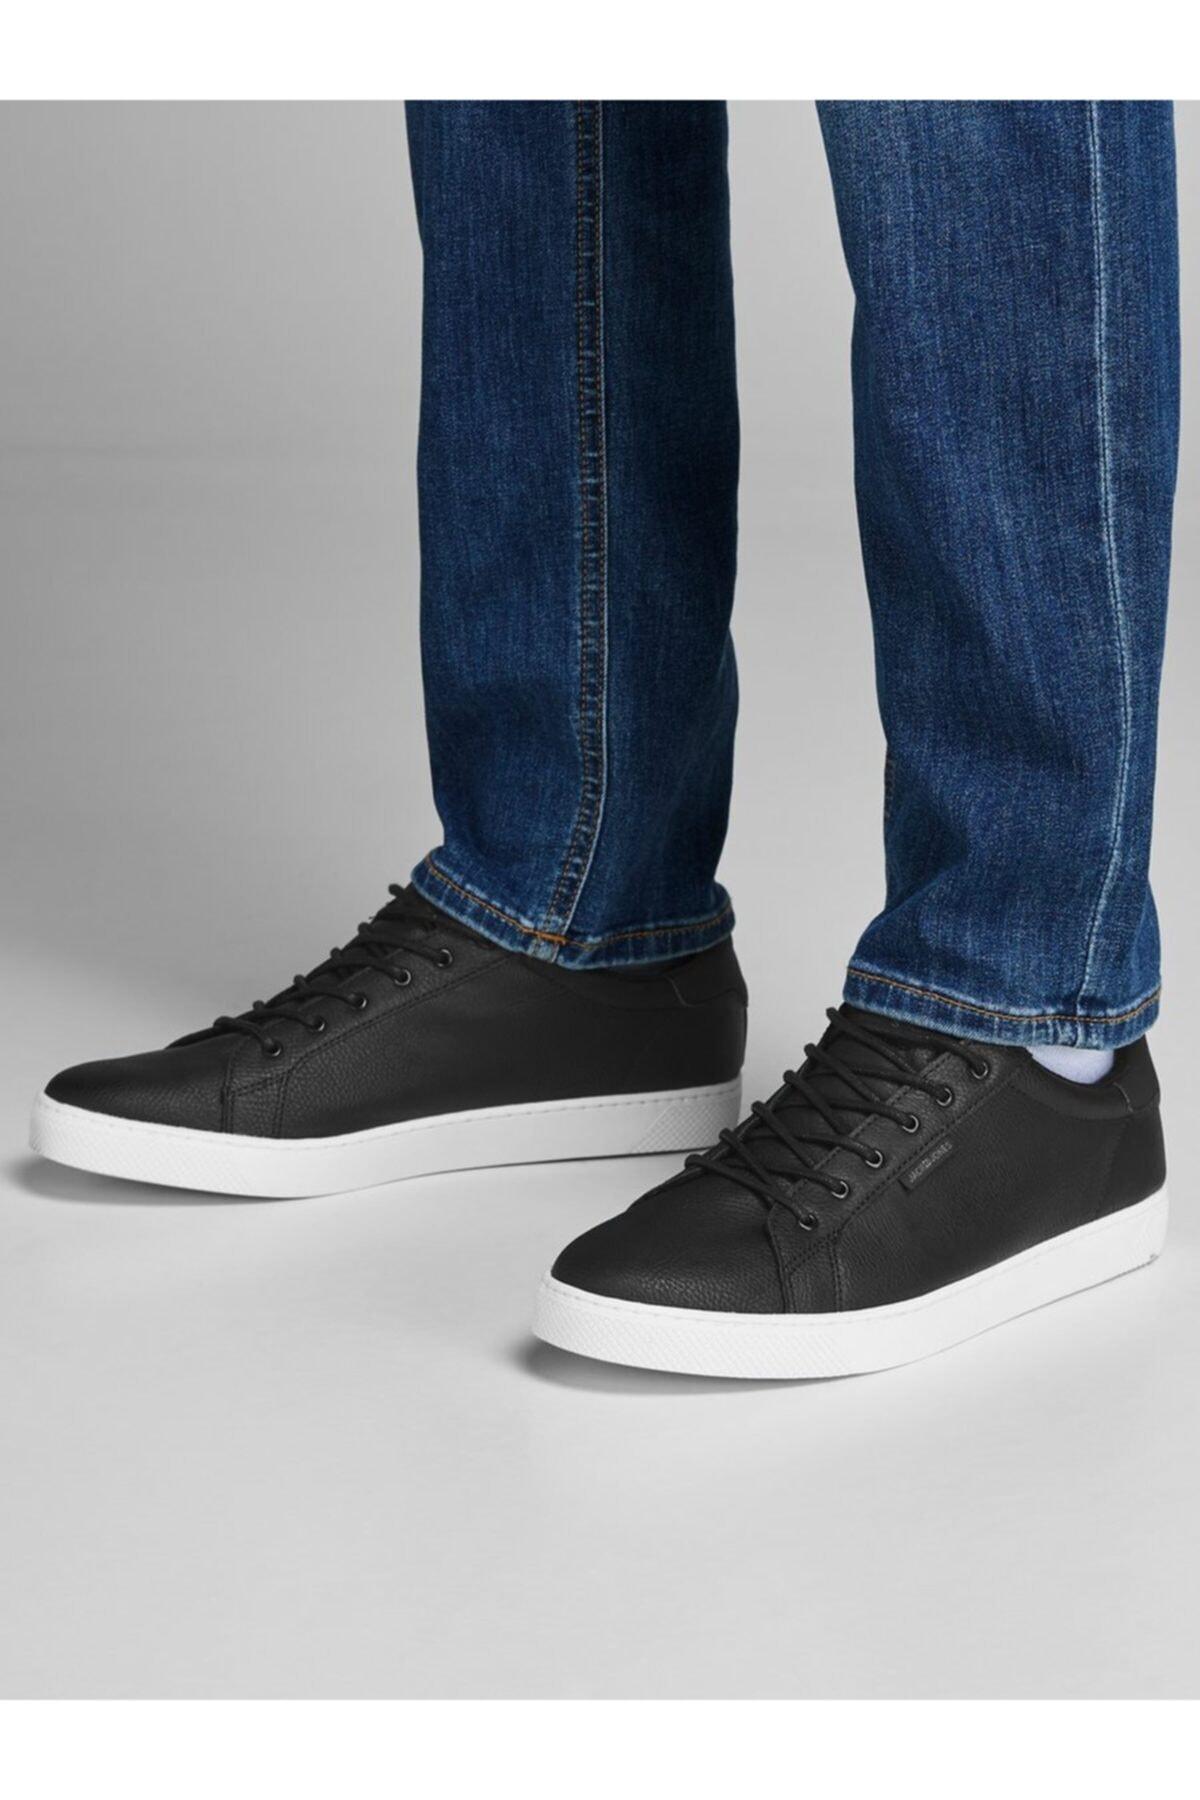 Jack & Jones Erkek Siyah Siyah Günlük Deri Ayakkabı 12150724 1